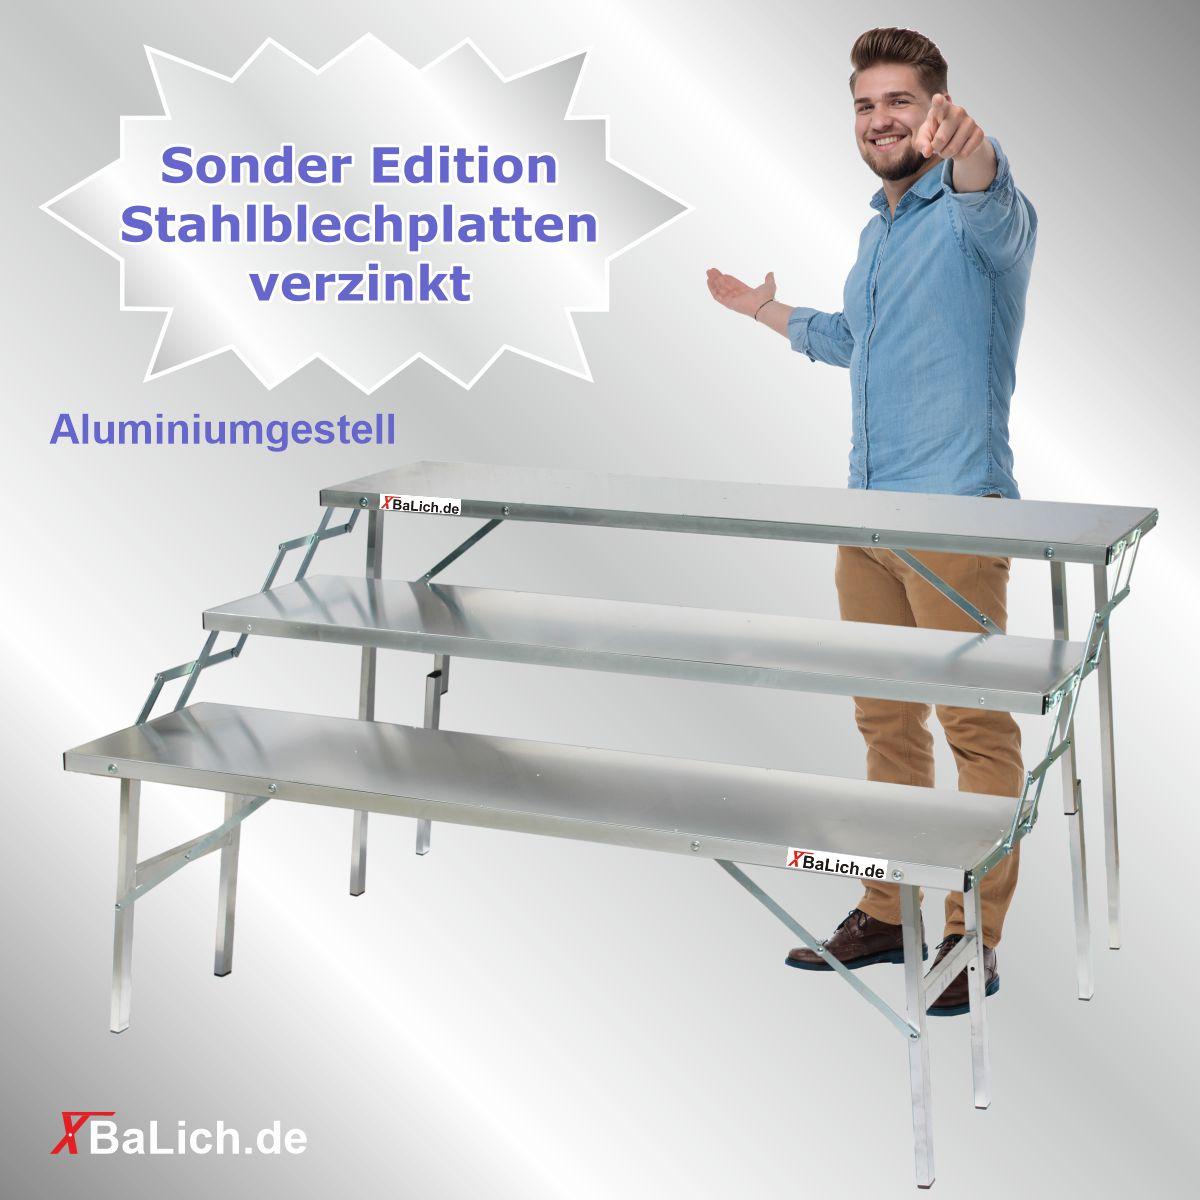 Stufentische Sonder-Edition